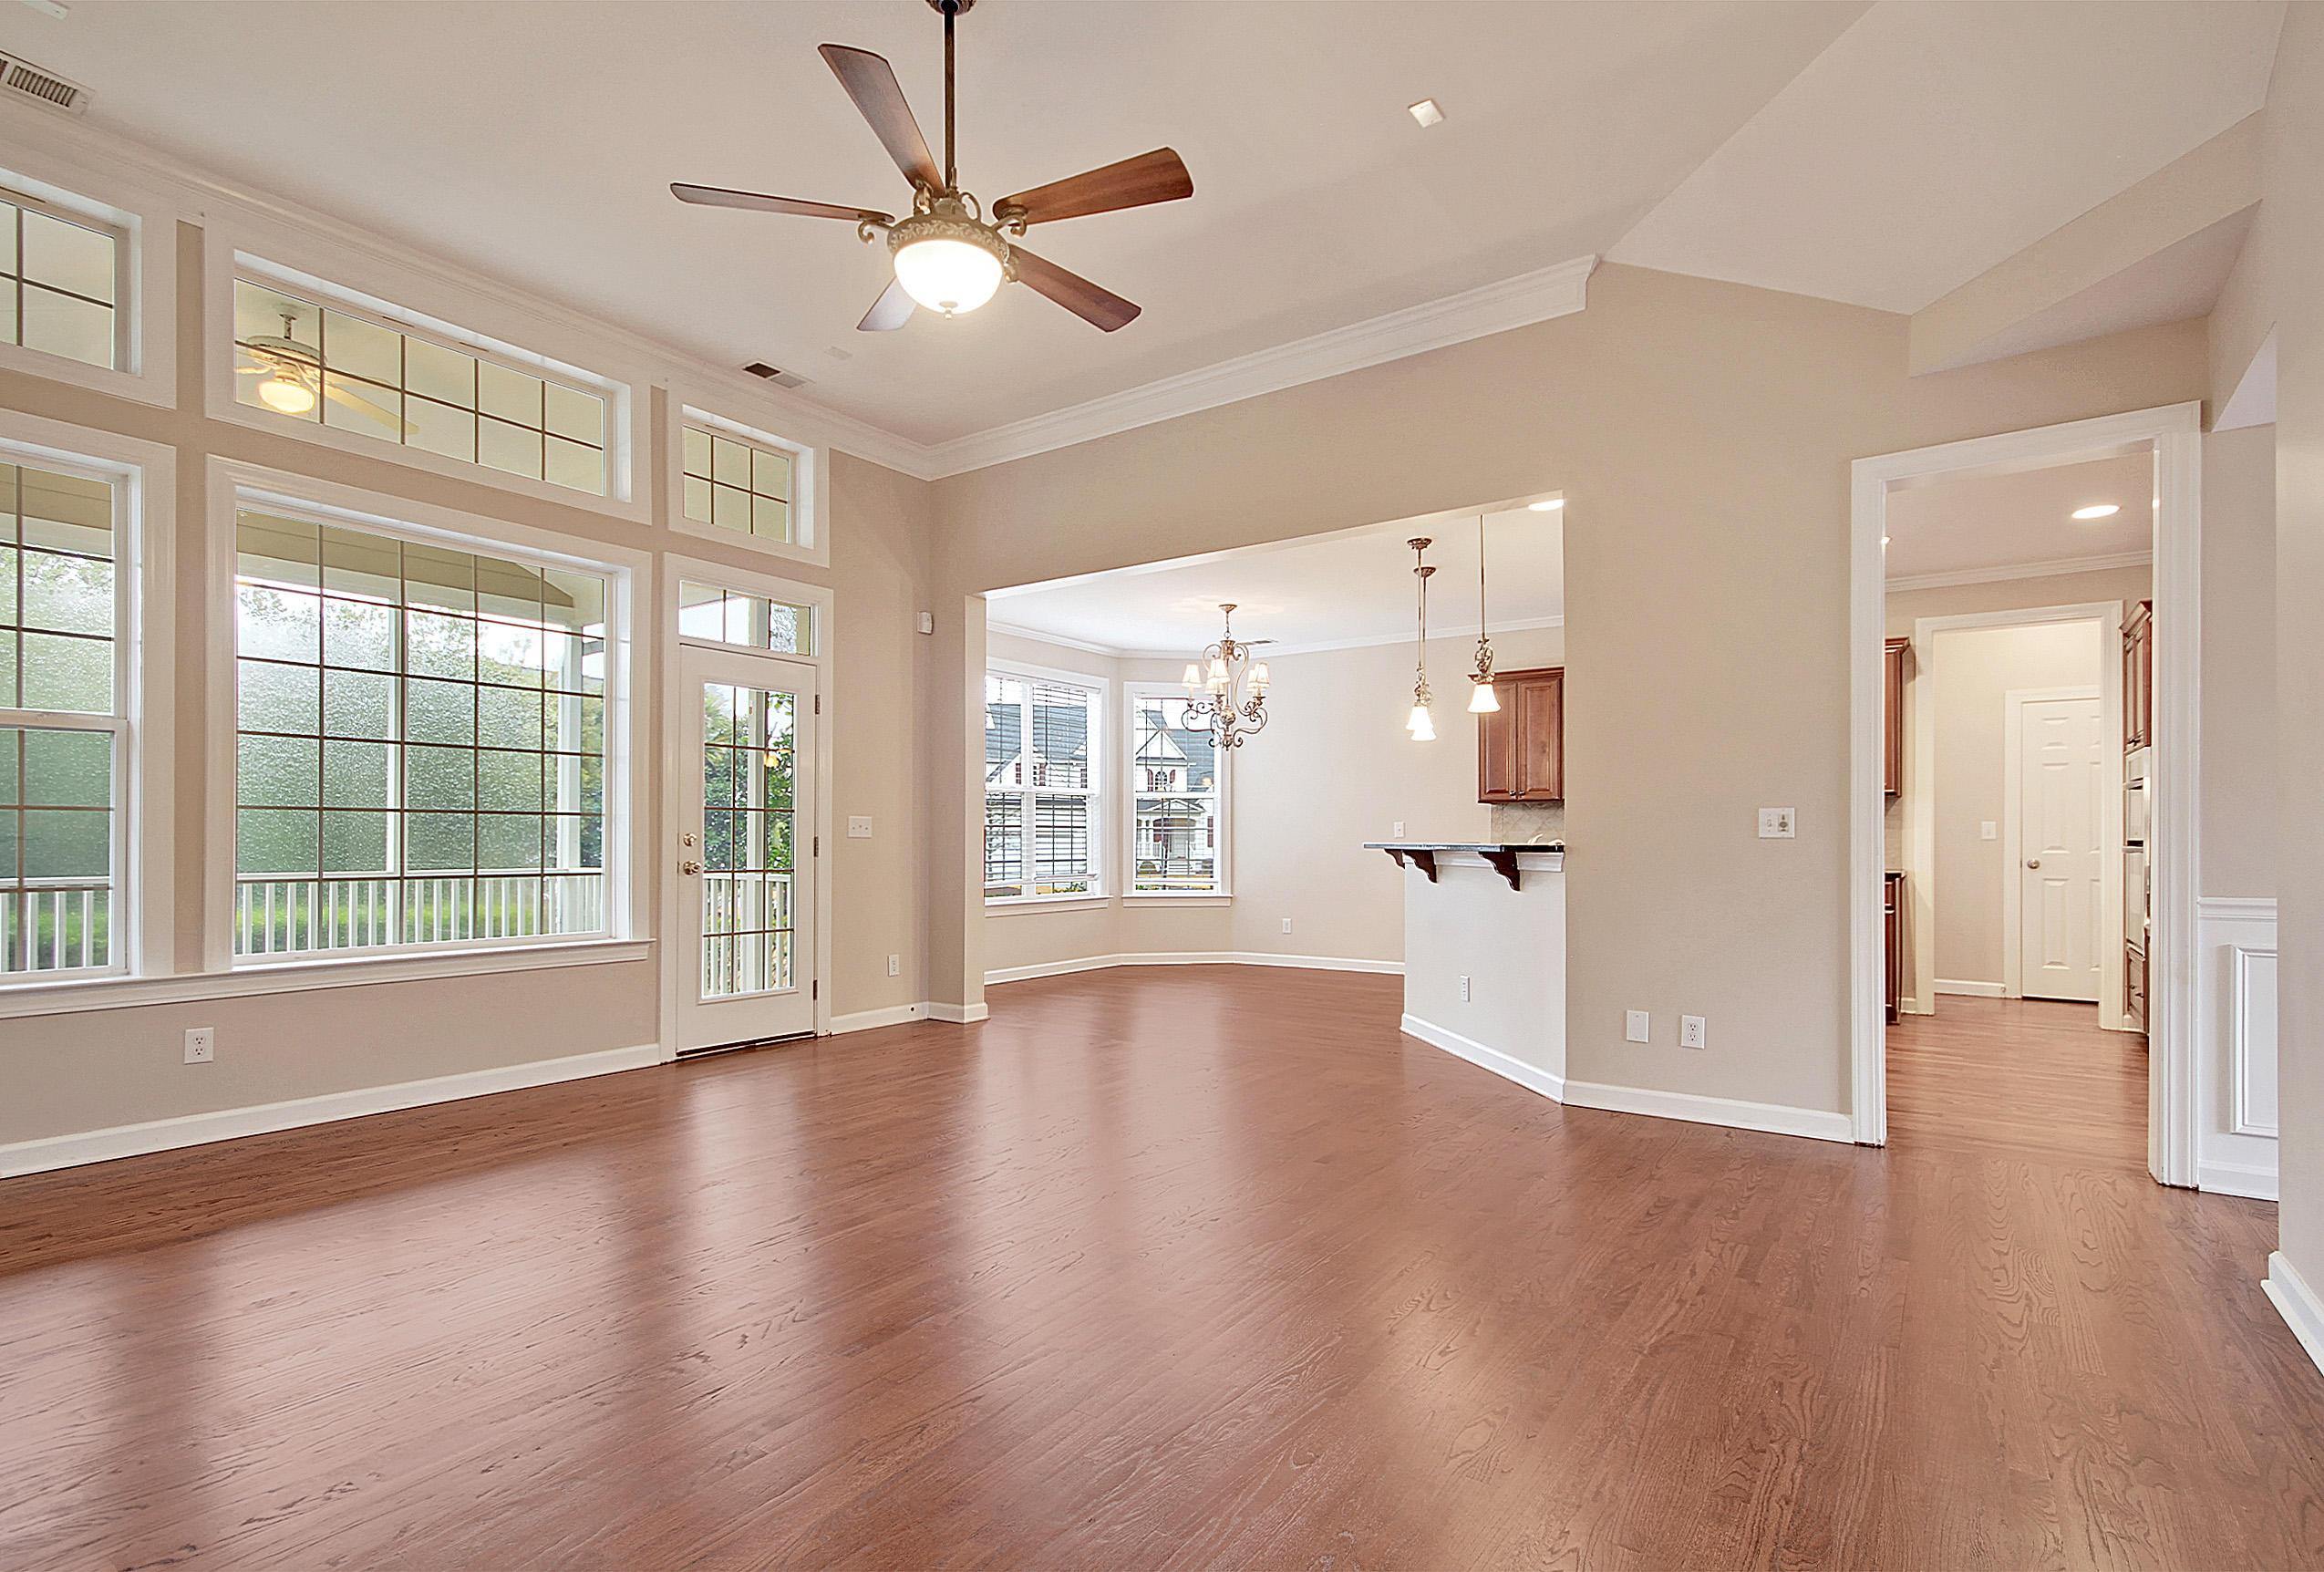 Dunes West Homes For Sale - 1501 Jacaranda, Mount Pleasant, SC - 14